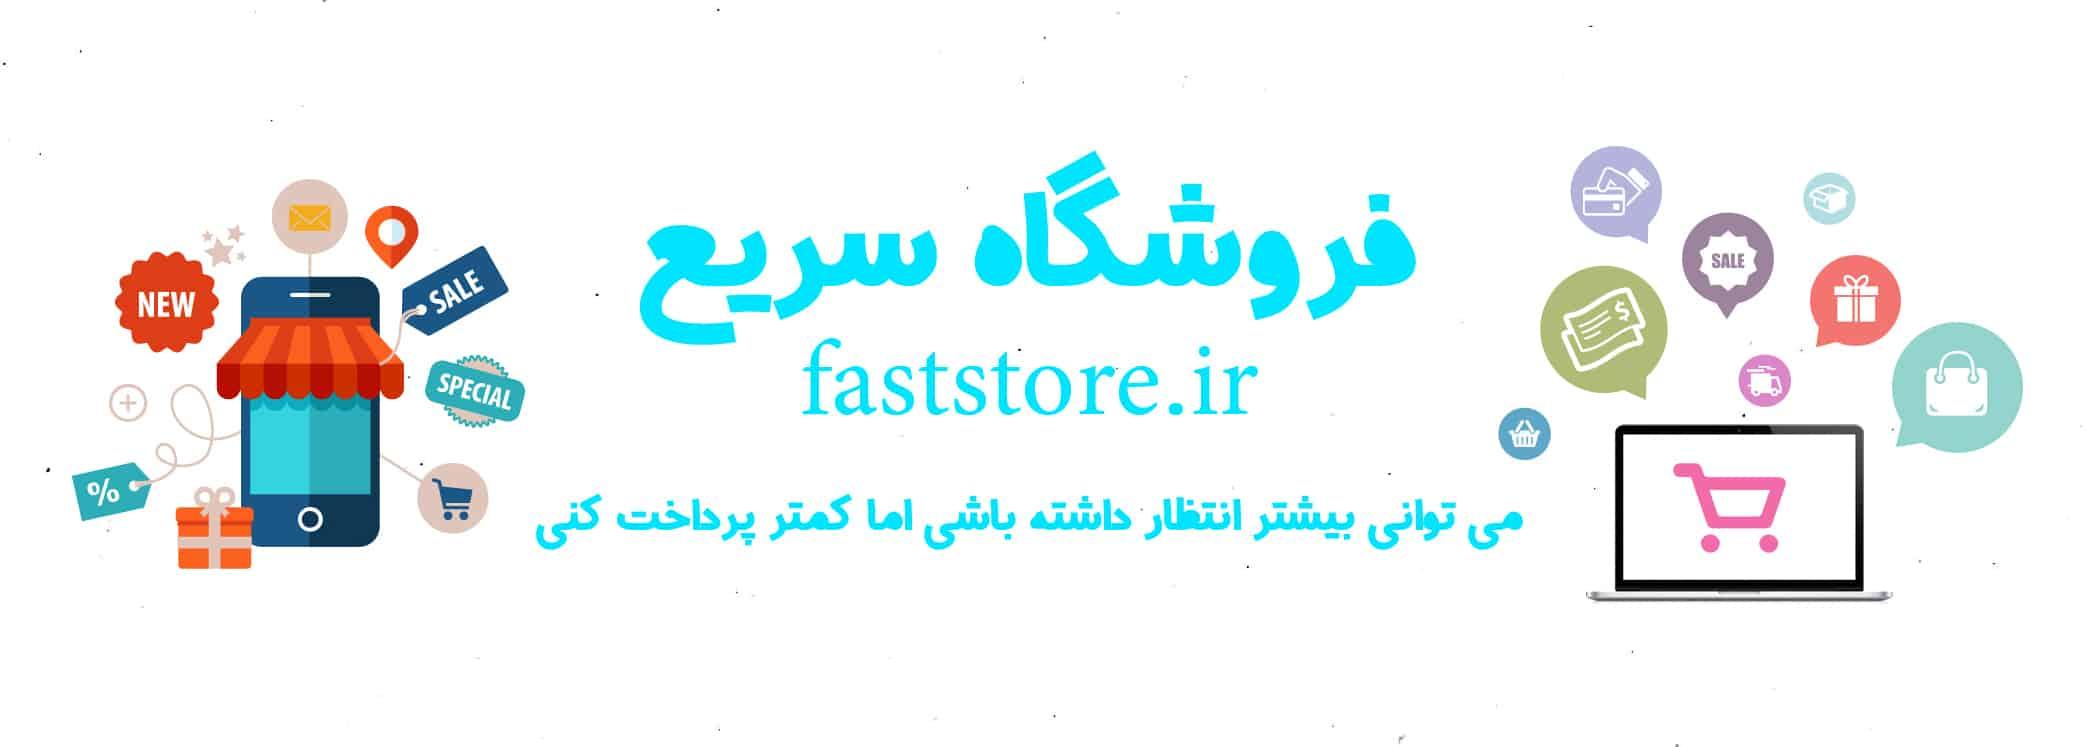 فروشگاه سریع بزگترین و سریعترین فروشگاه ایران